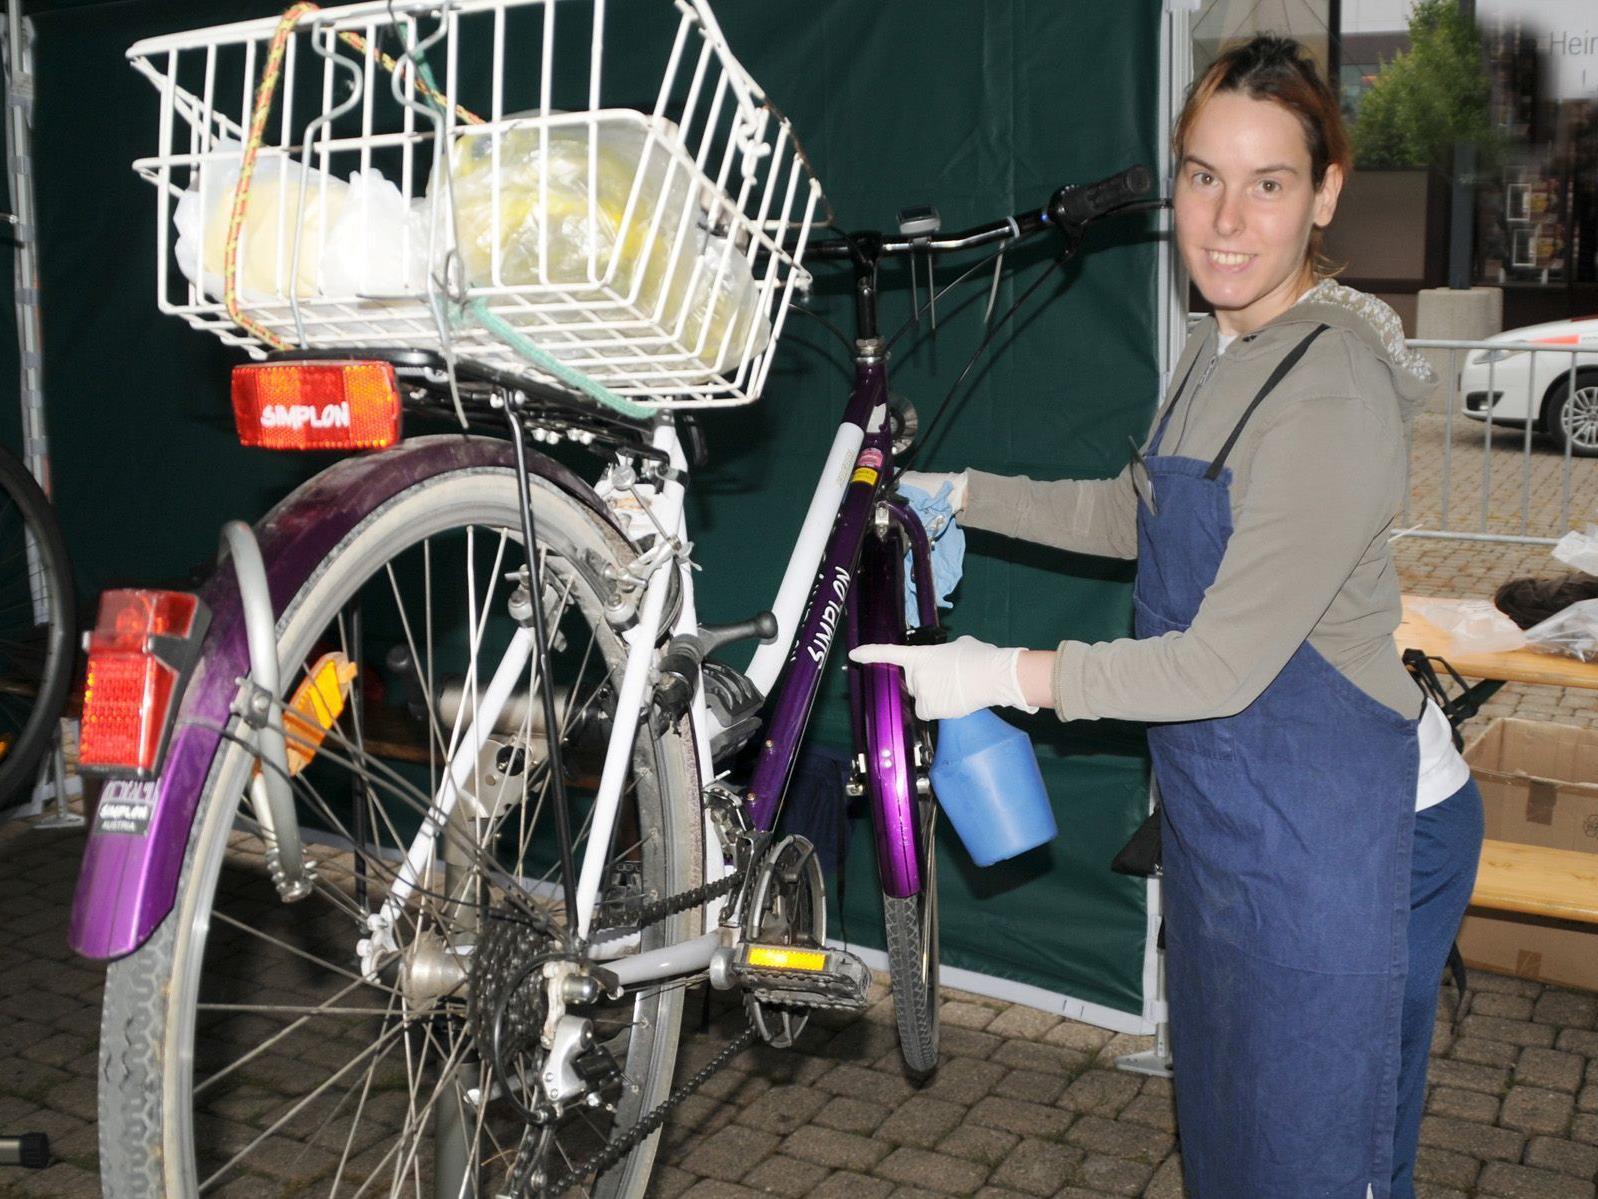 Fahrradputz-Angebot der Lebenshilfe Vorarlberg bei der Dornbirner Msse